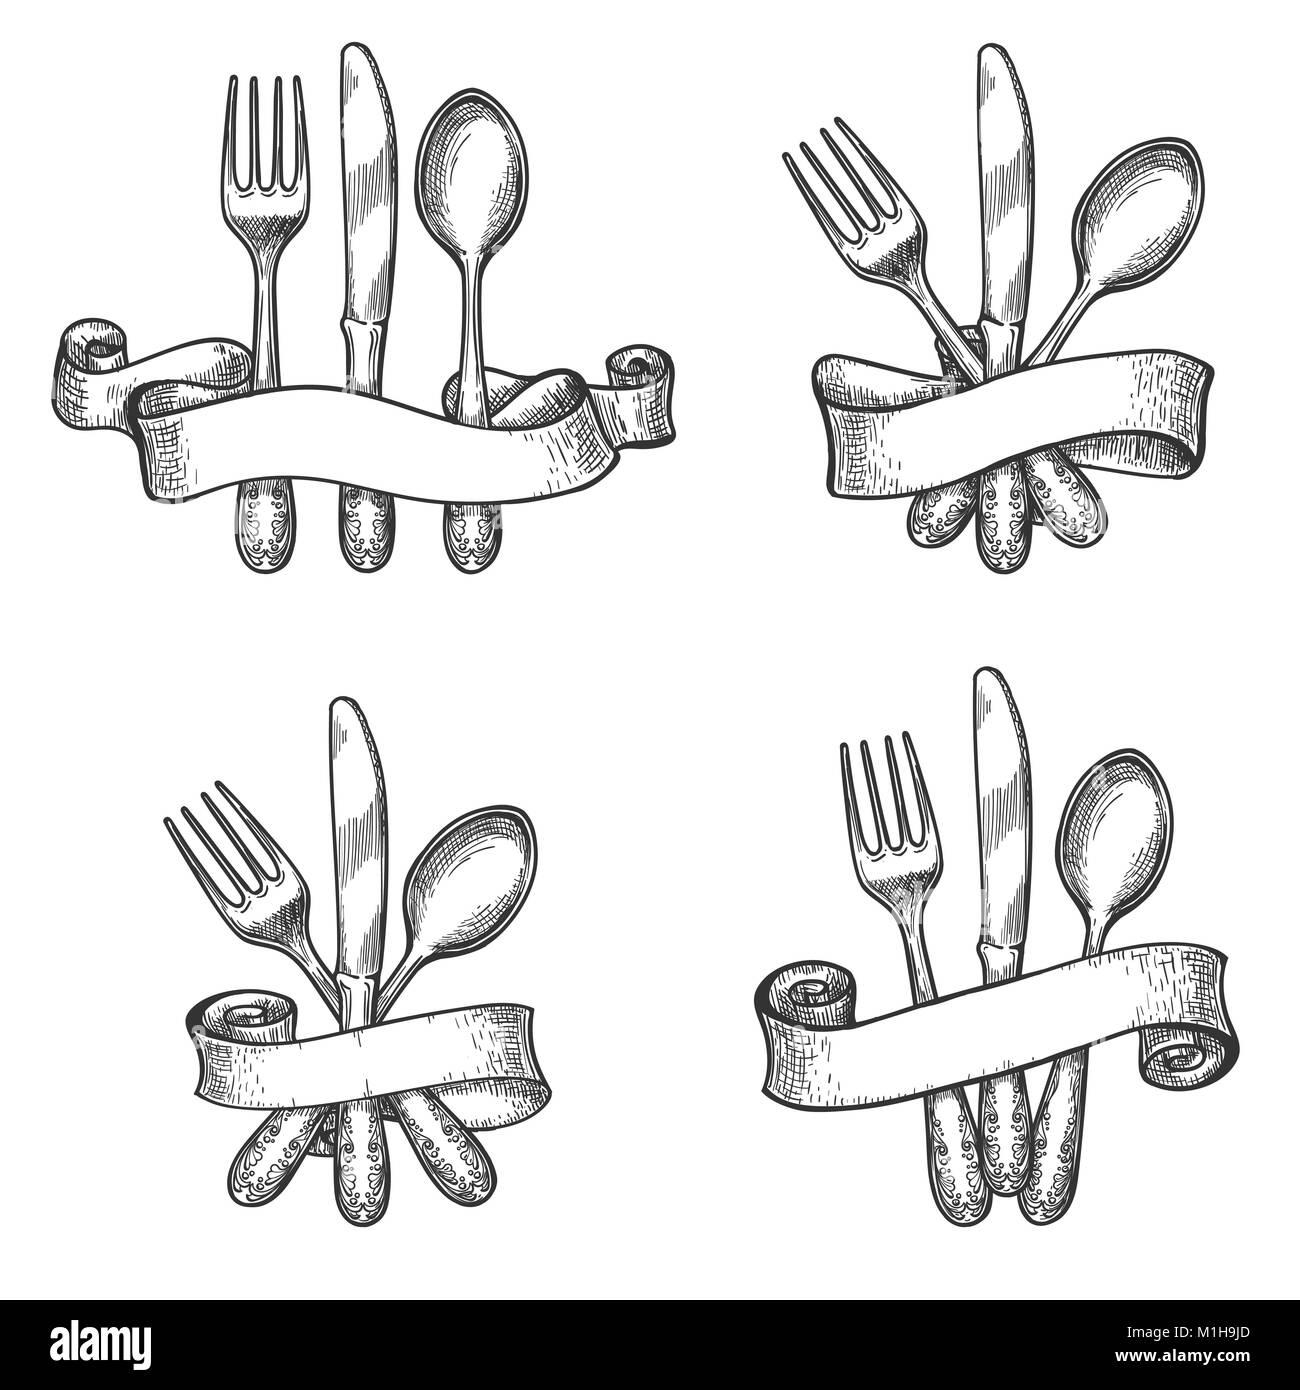 Cuberter a de boceto vintage mesa cubiertos con cuchillo for Tenedor y cuchillo en la mesa